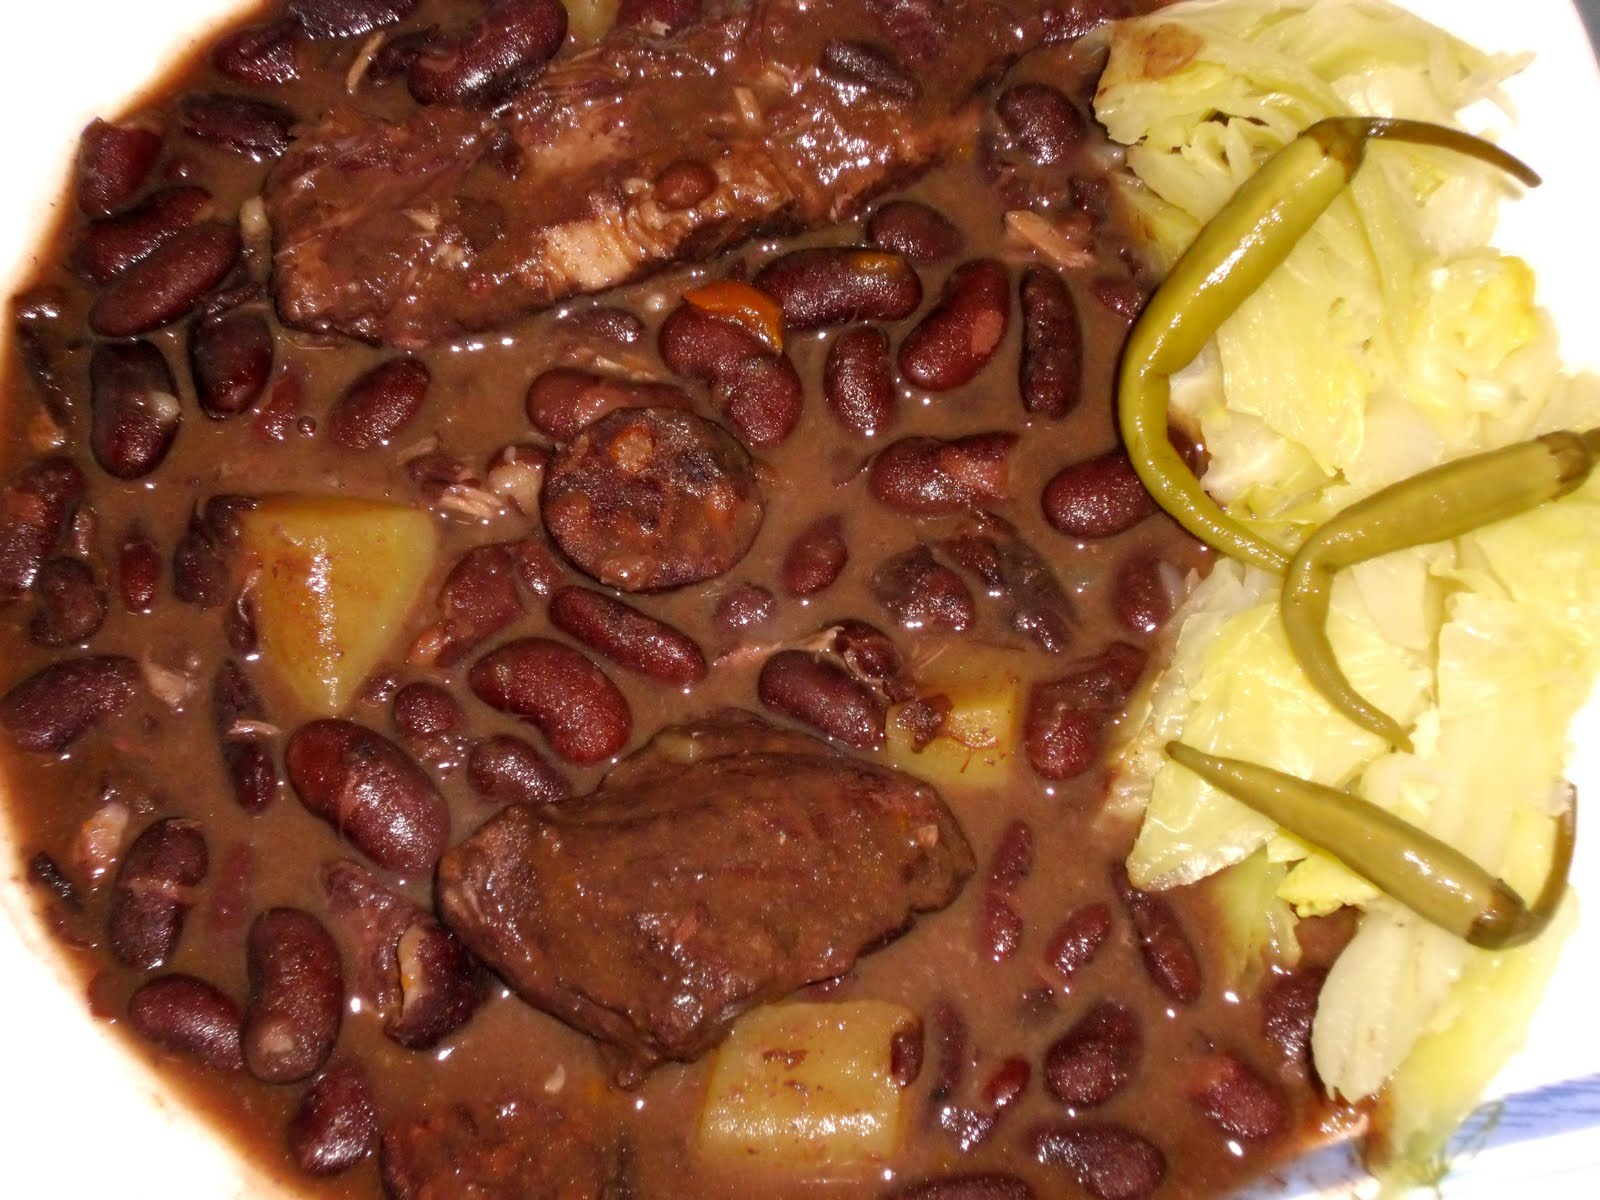 Alubias rojas de le n con costilla de cerdo recetas de cocina de un abuelo donostiarra - Alubias rojas con costilla ...